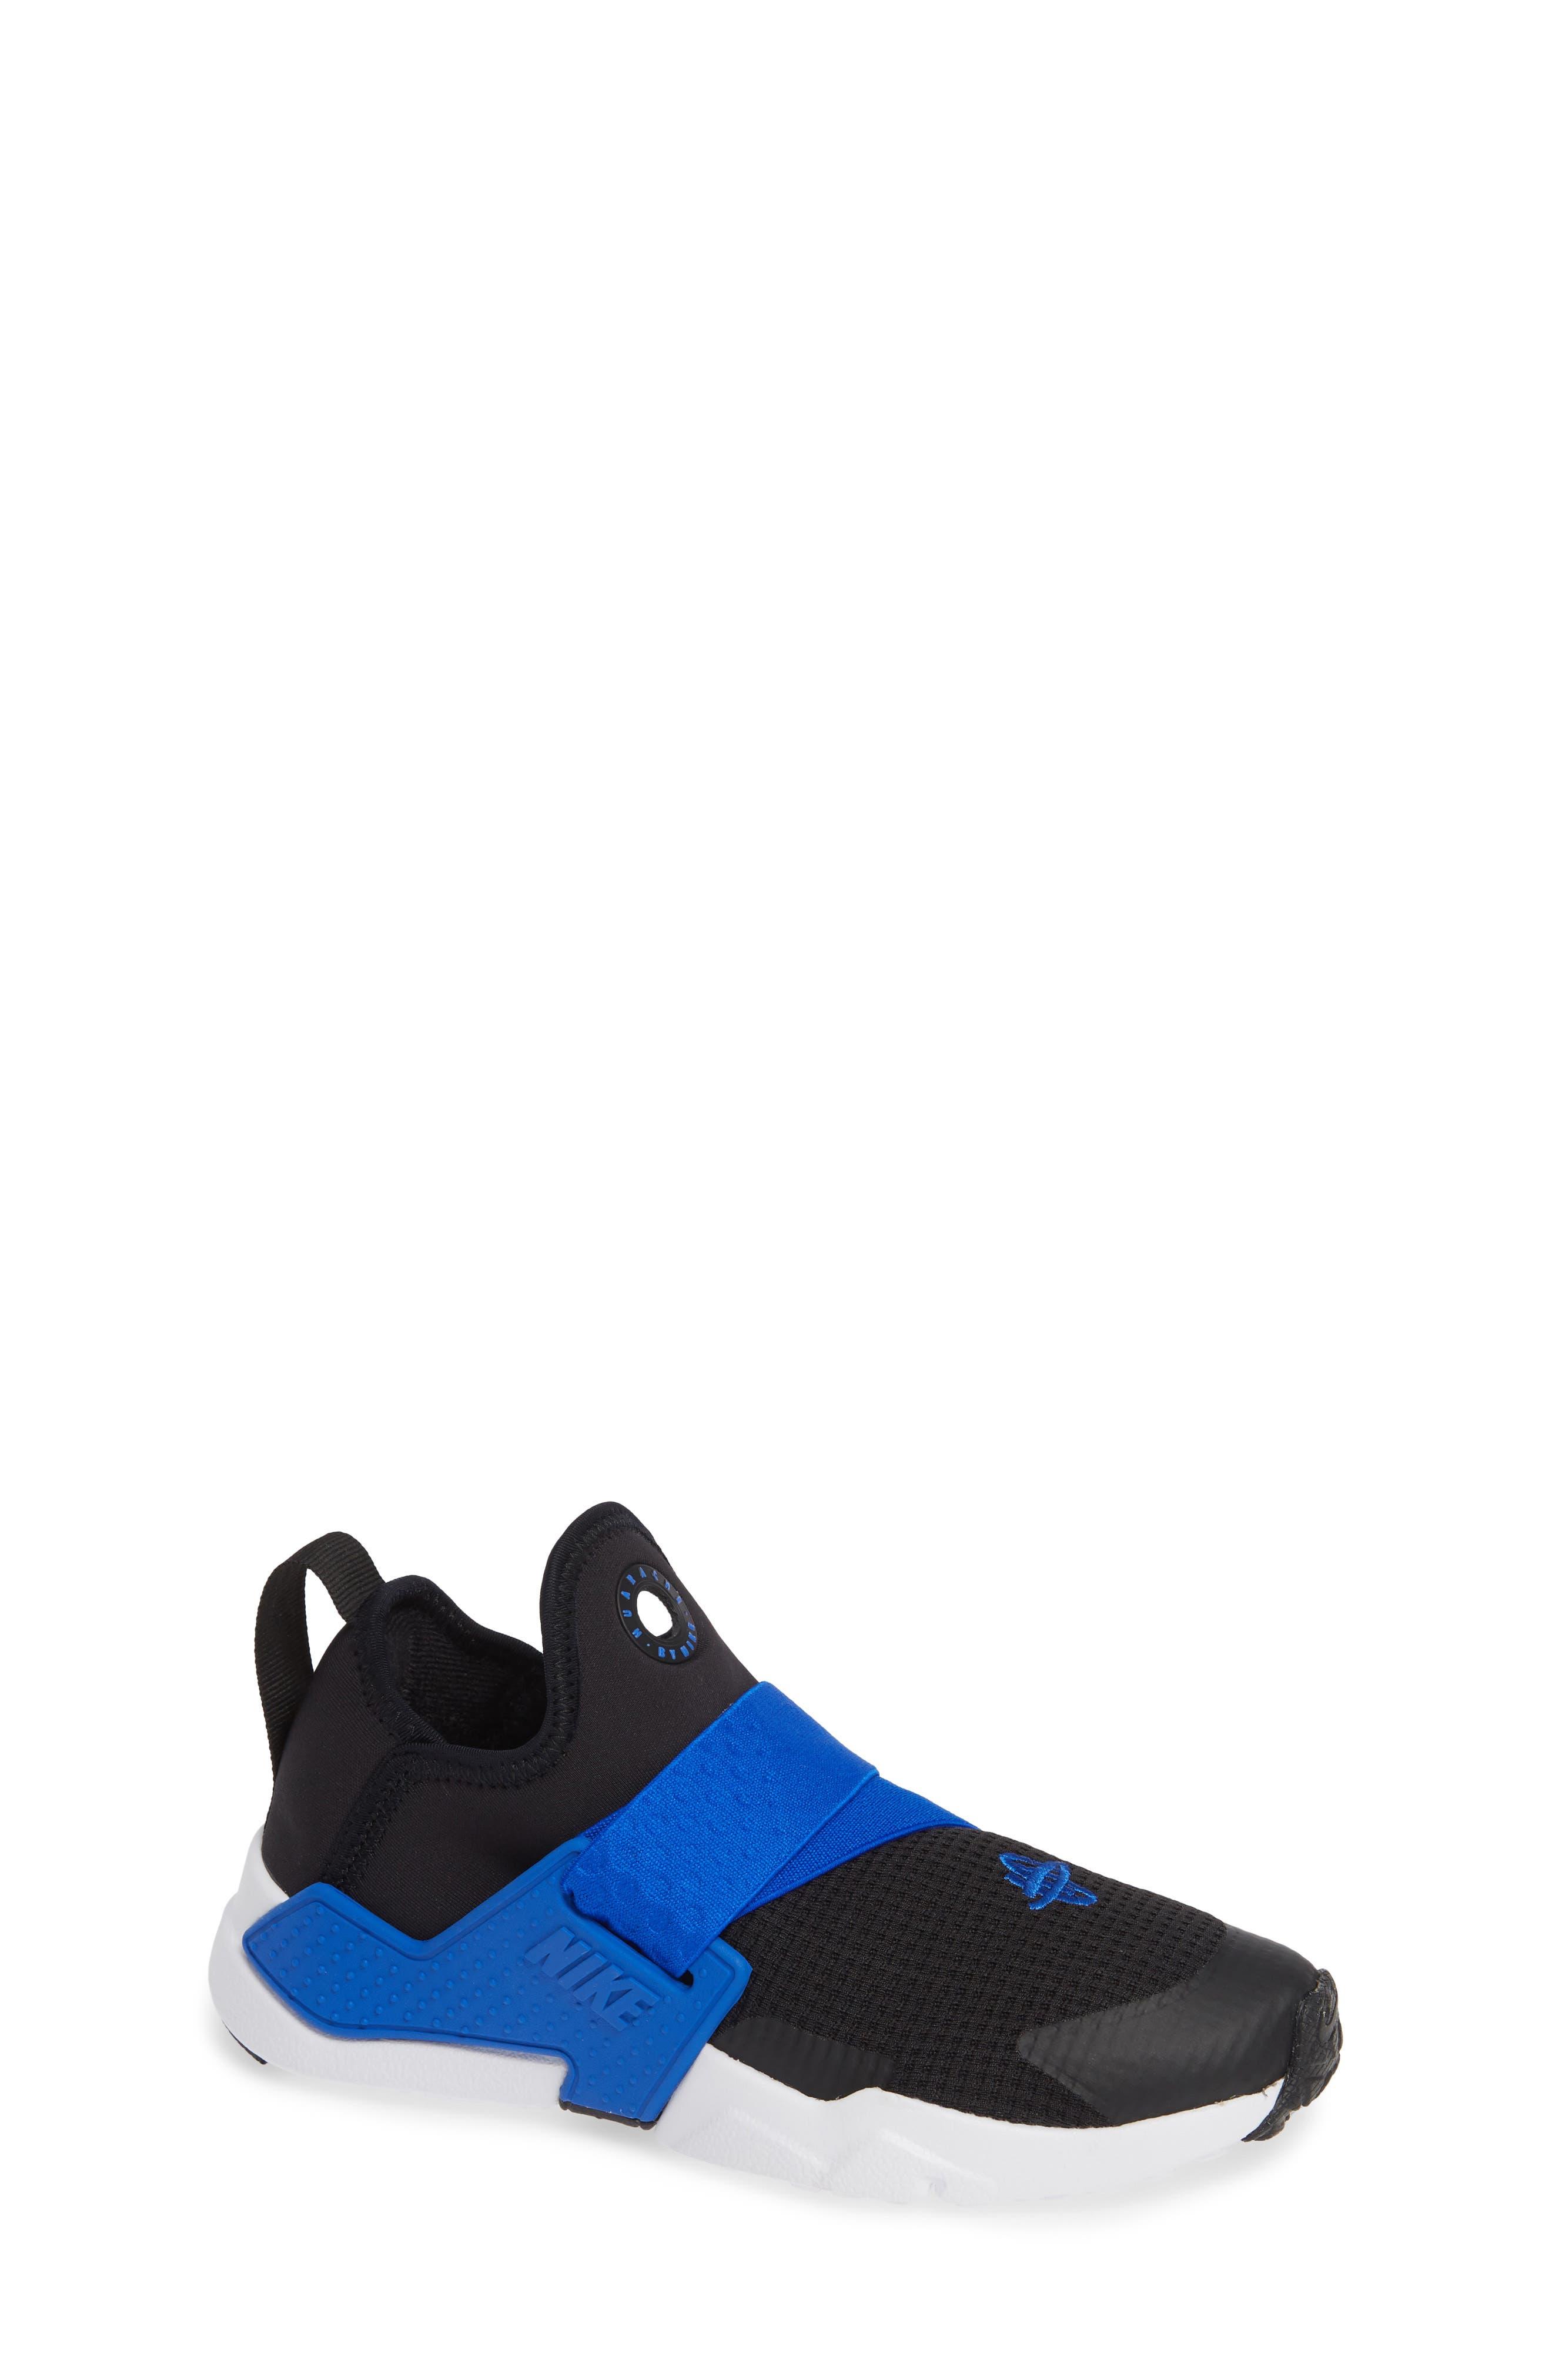 Huarache Extreme Sneaker,                             Main thumbnail 1, color,                             BLACK/ BLUE-WHITE